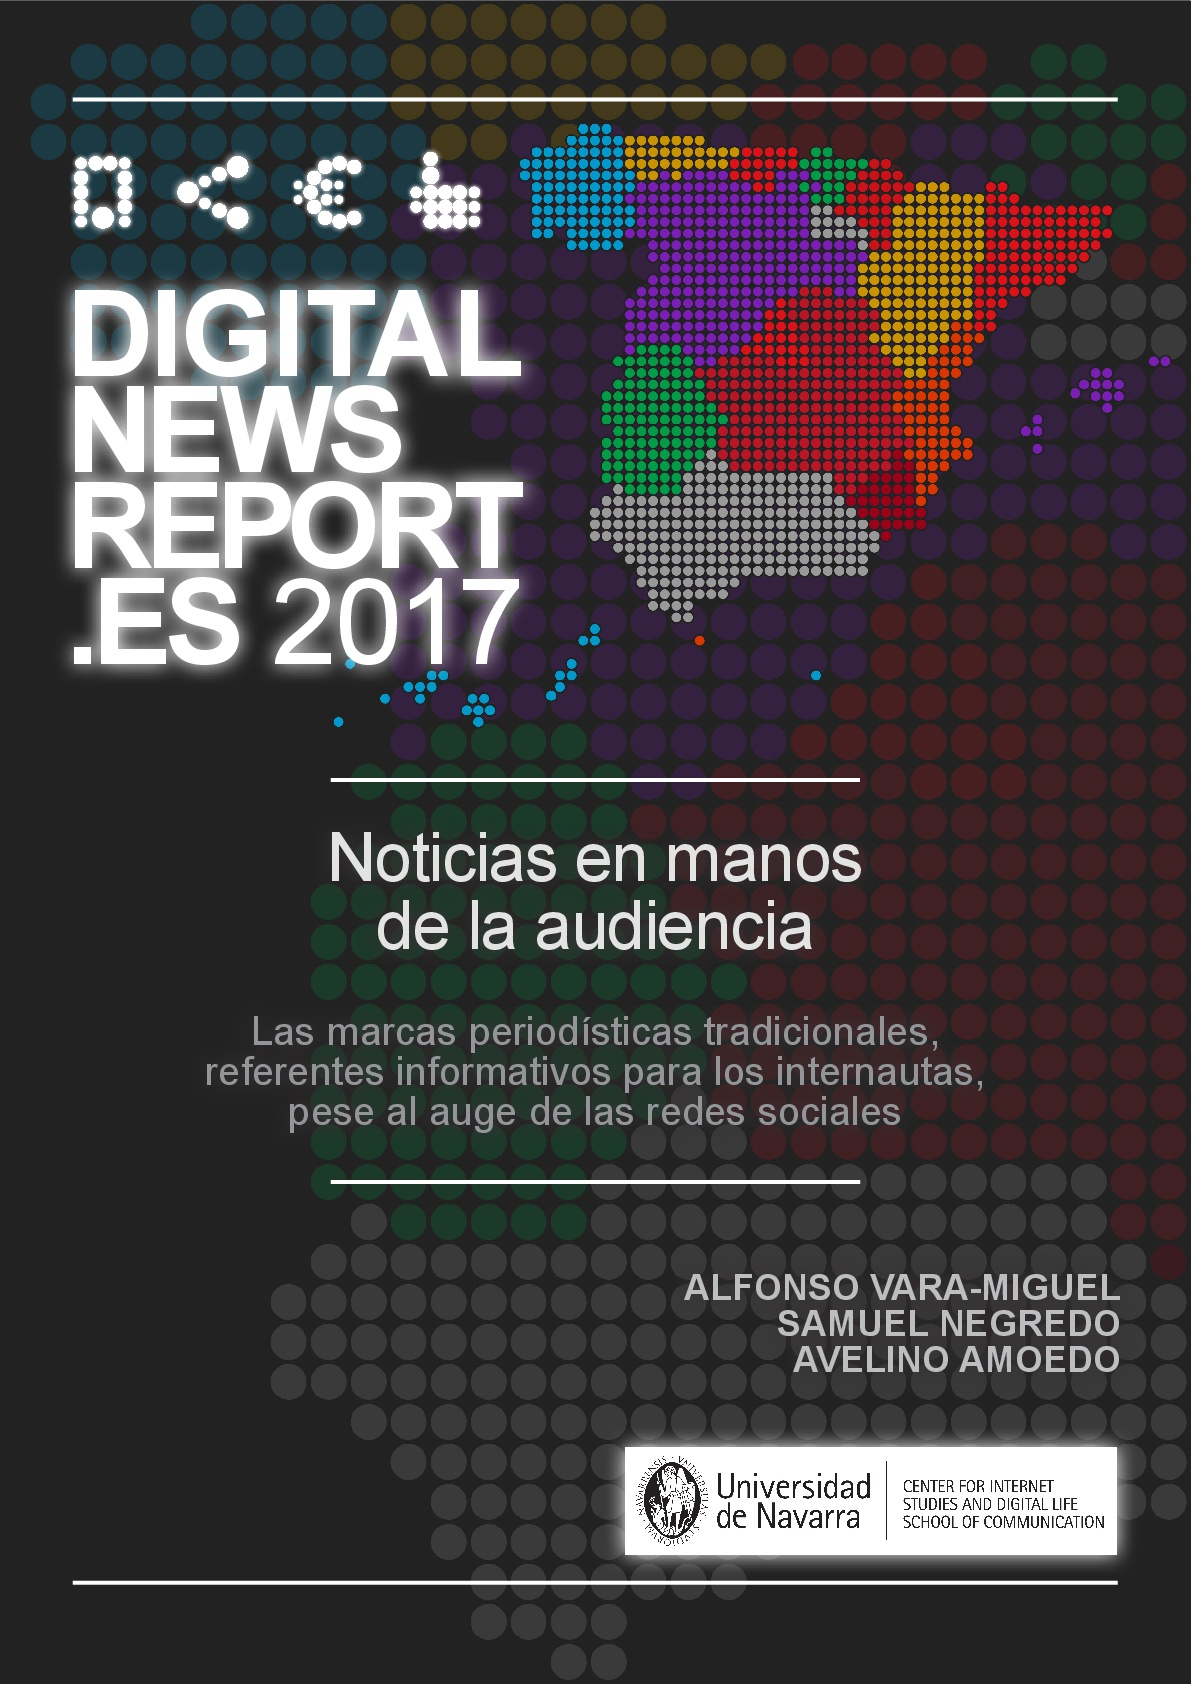 Digital News Report.es 2017. Noticias en manos de la audiencia: Las marcas periodísticas tradicionales, referentes informativos para los internautas, pese al auge de las redes sociales